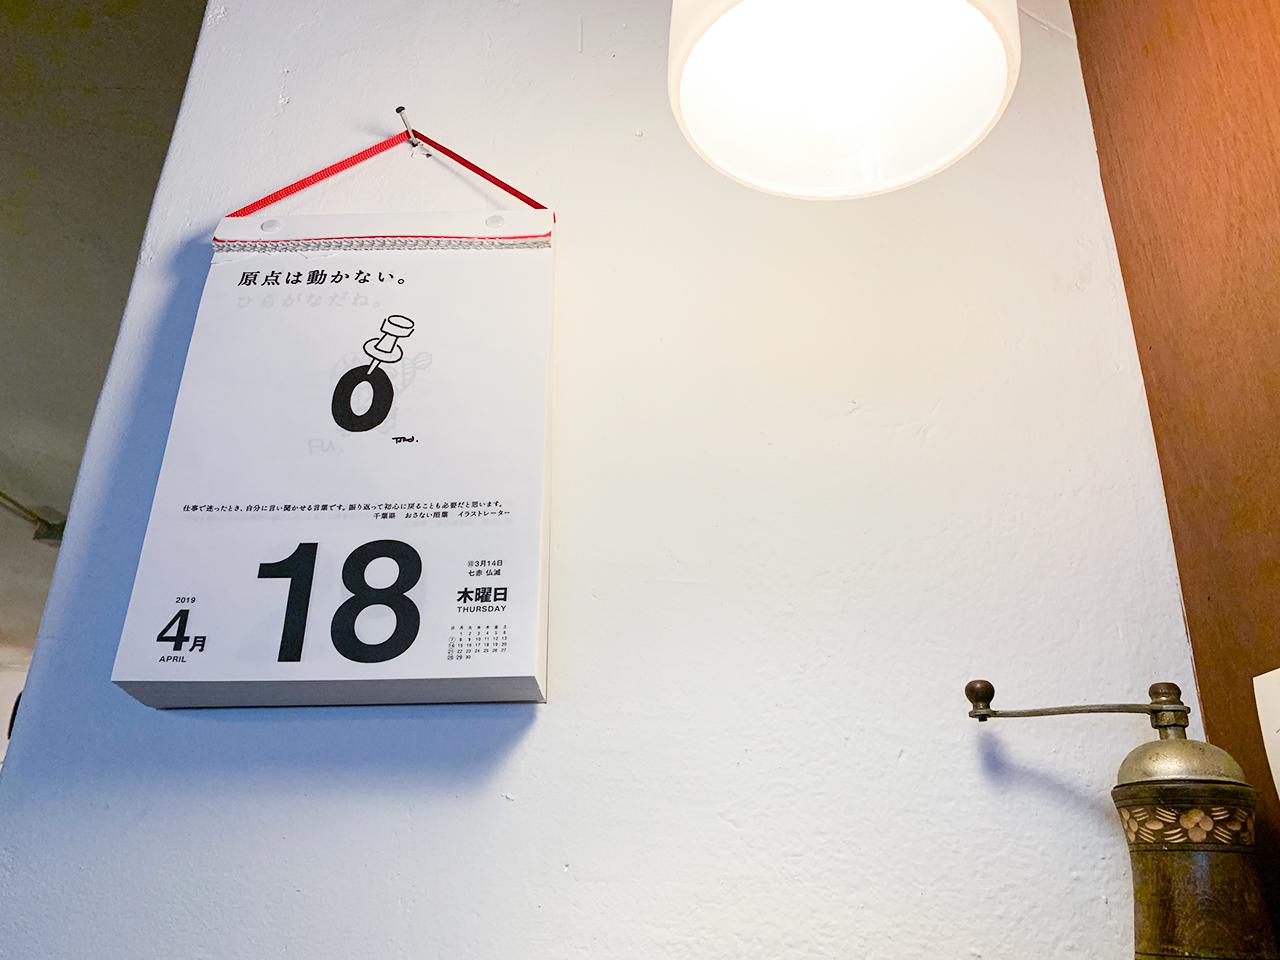 日本語のカレンダーも